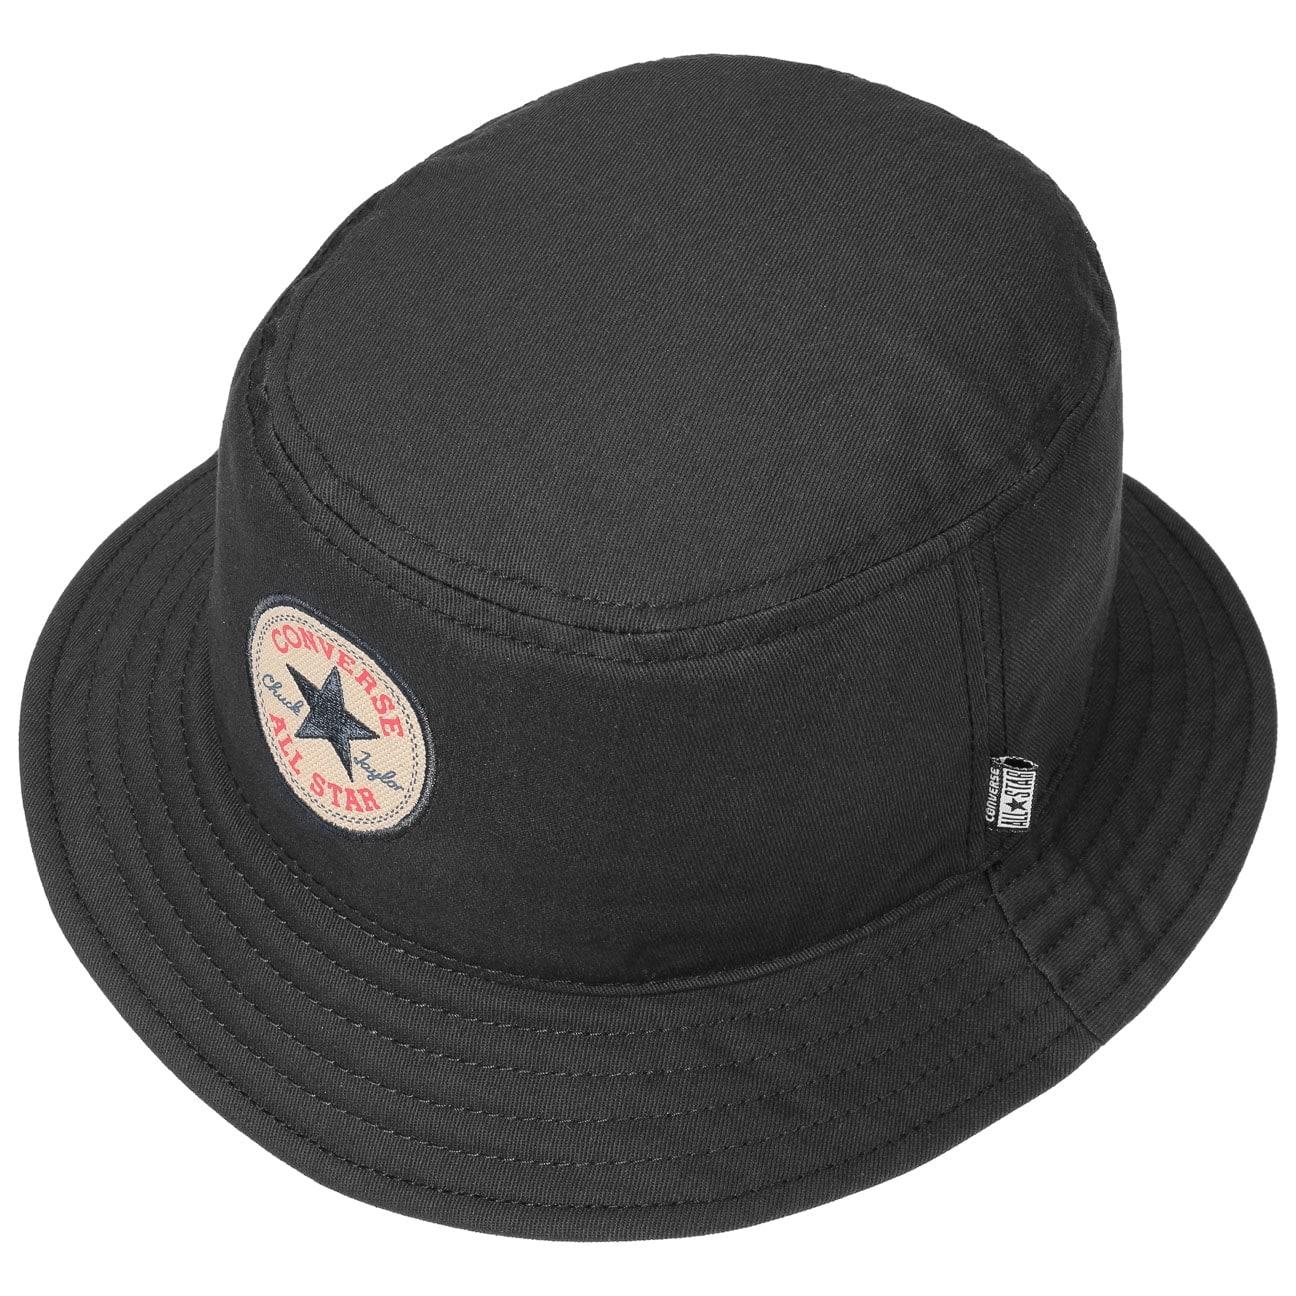 2converse cappello uomo